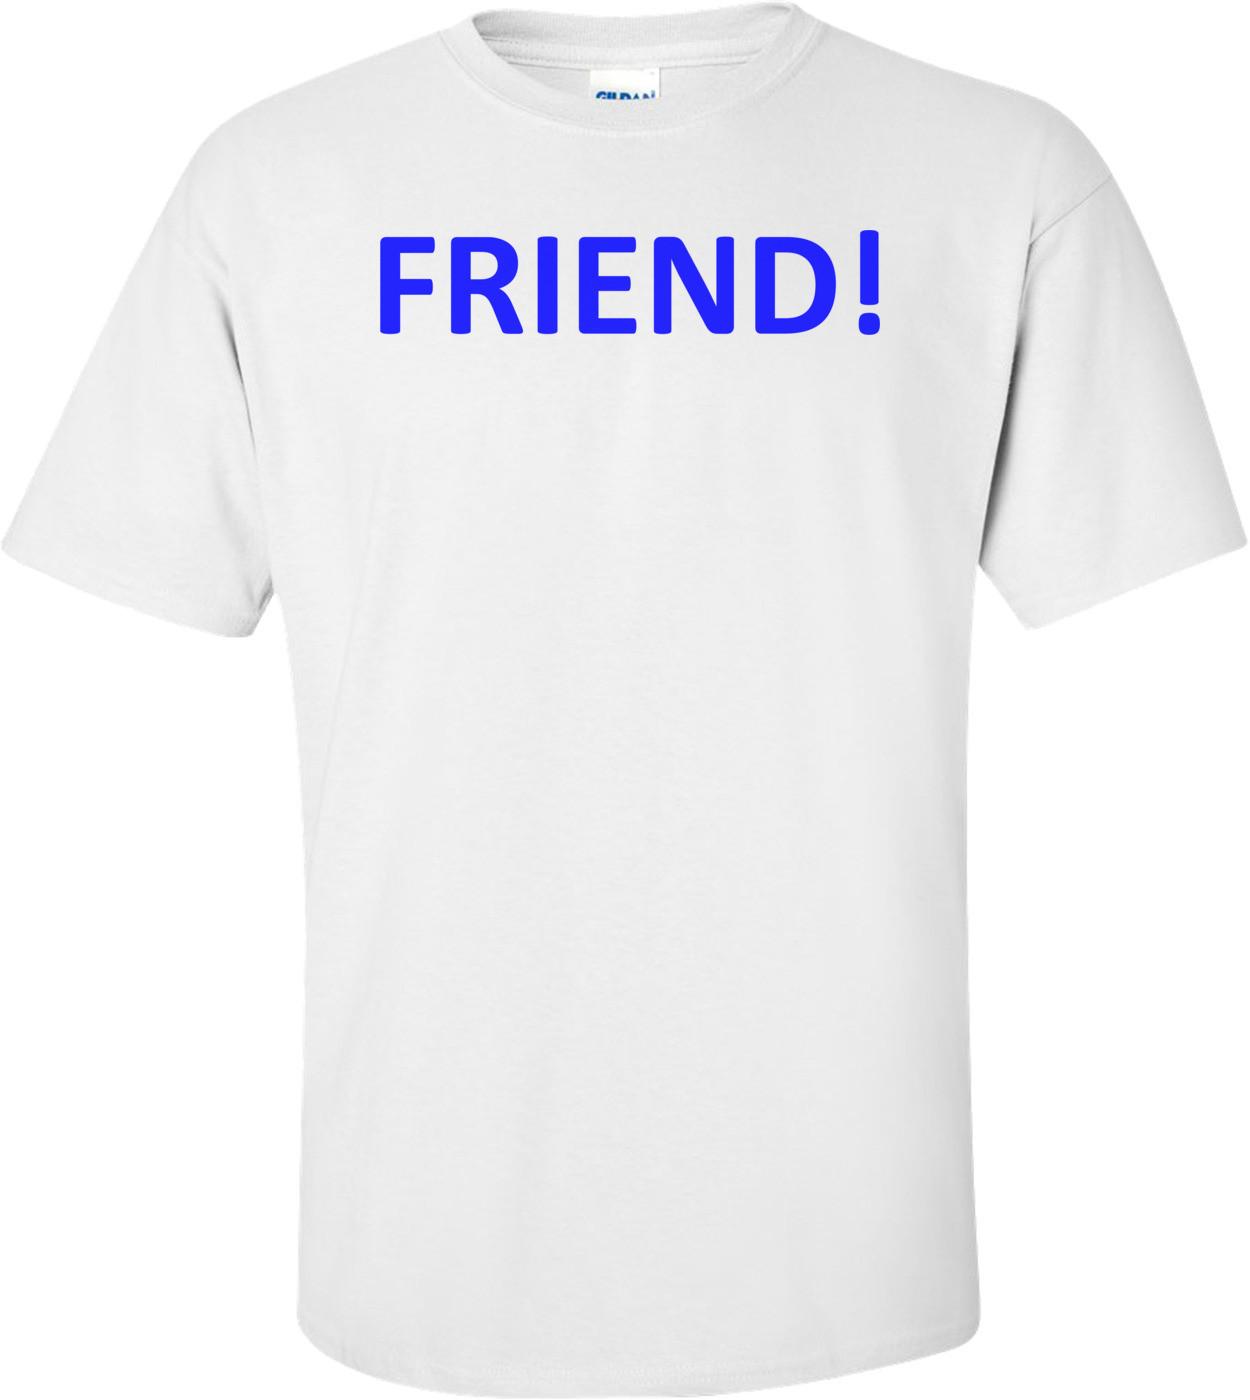 FRIEND! Shirt